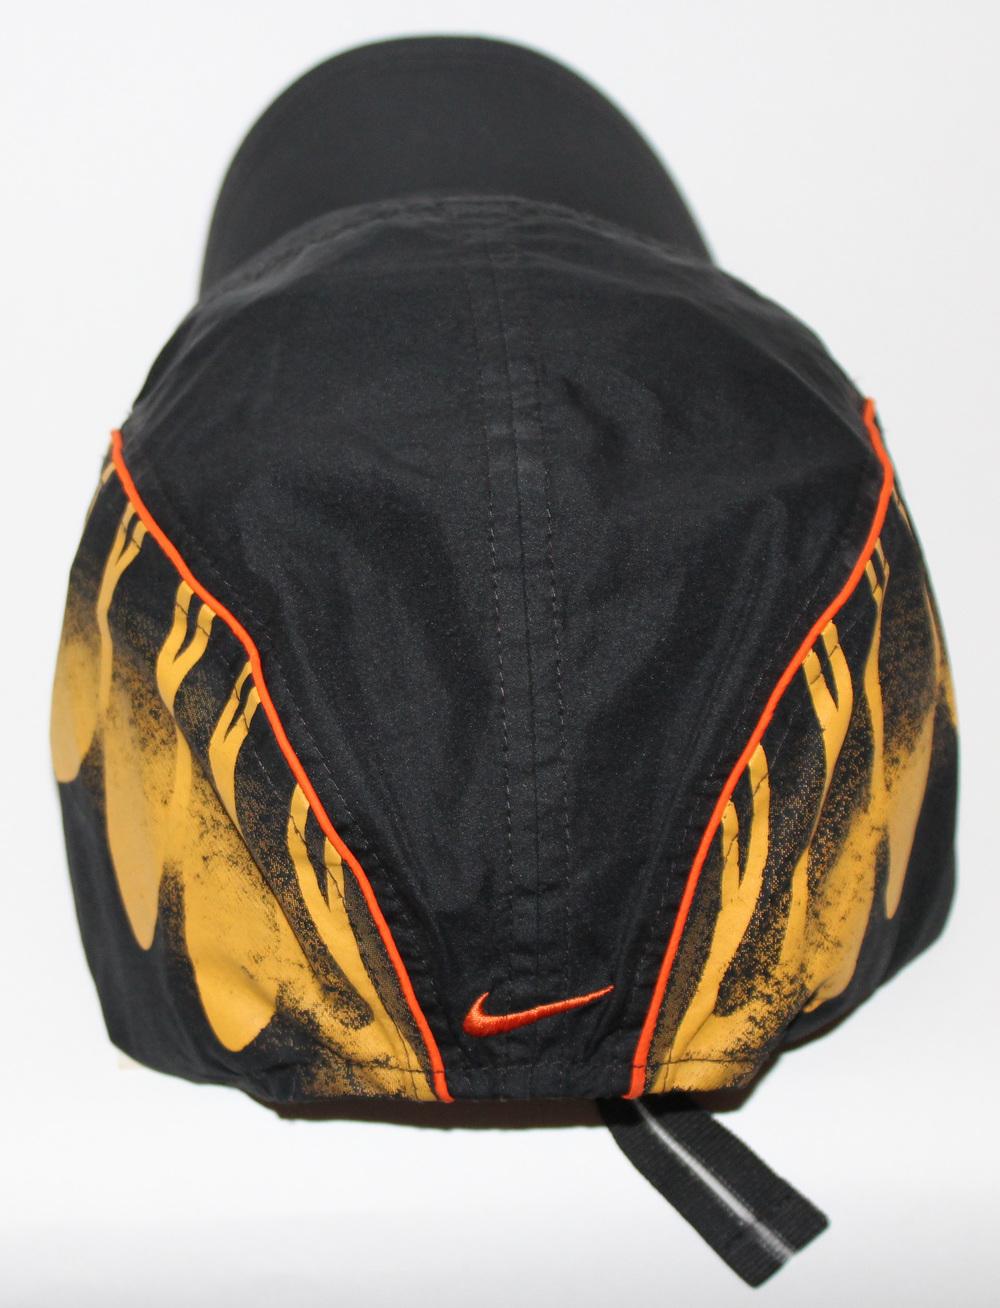 dbcf955280a ... best nike tn tuned air max plus 5 panel hat black orange u2014 roots  1b86e 5551b